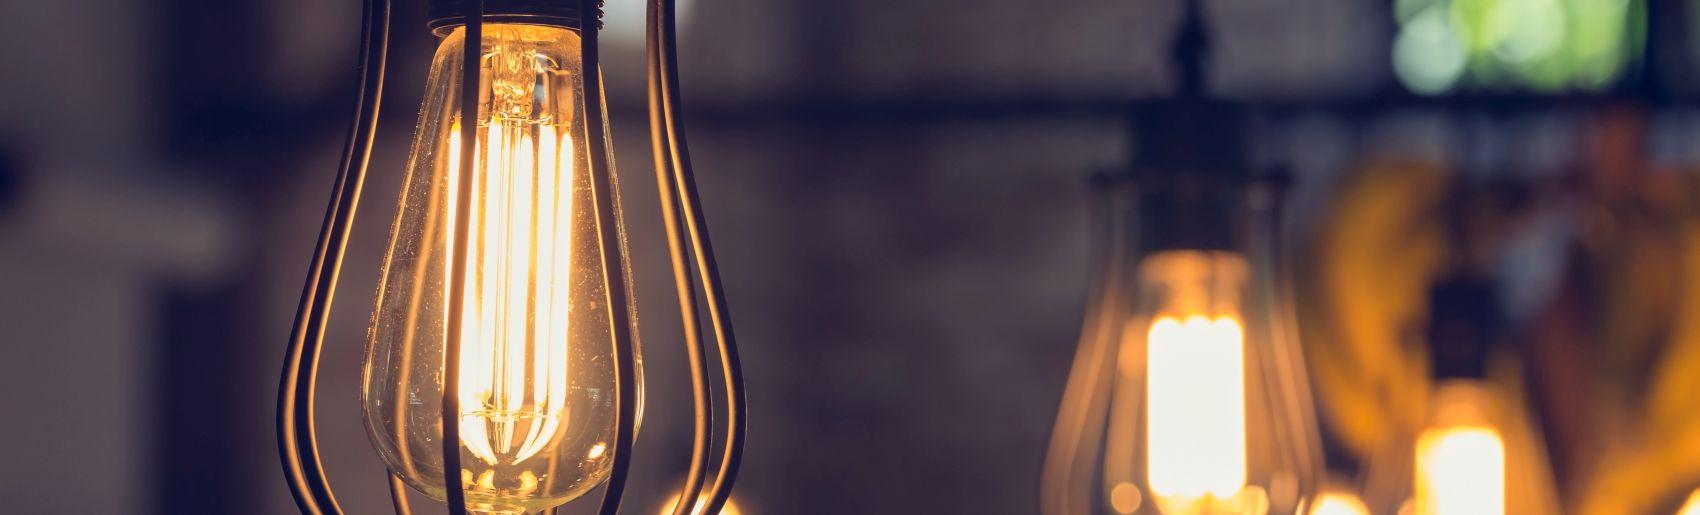 albuquerque lighting repairs